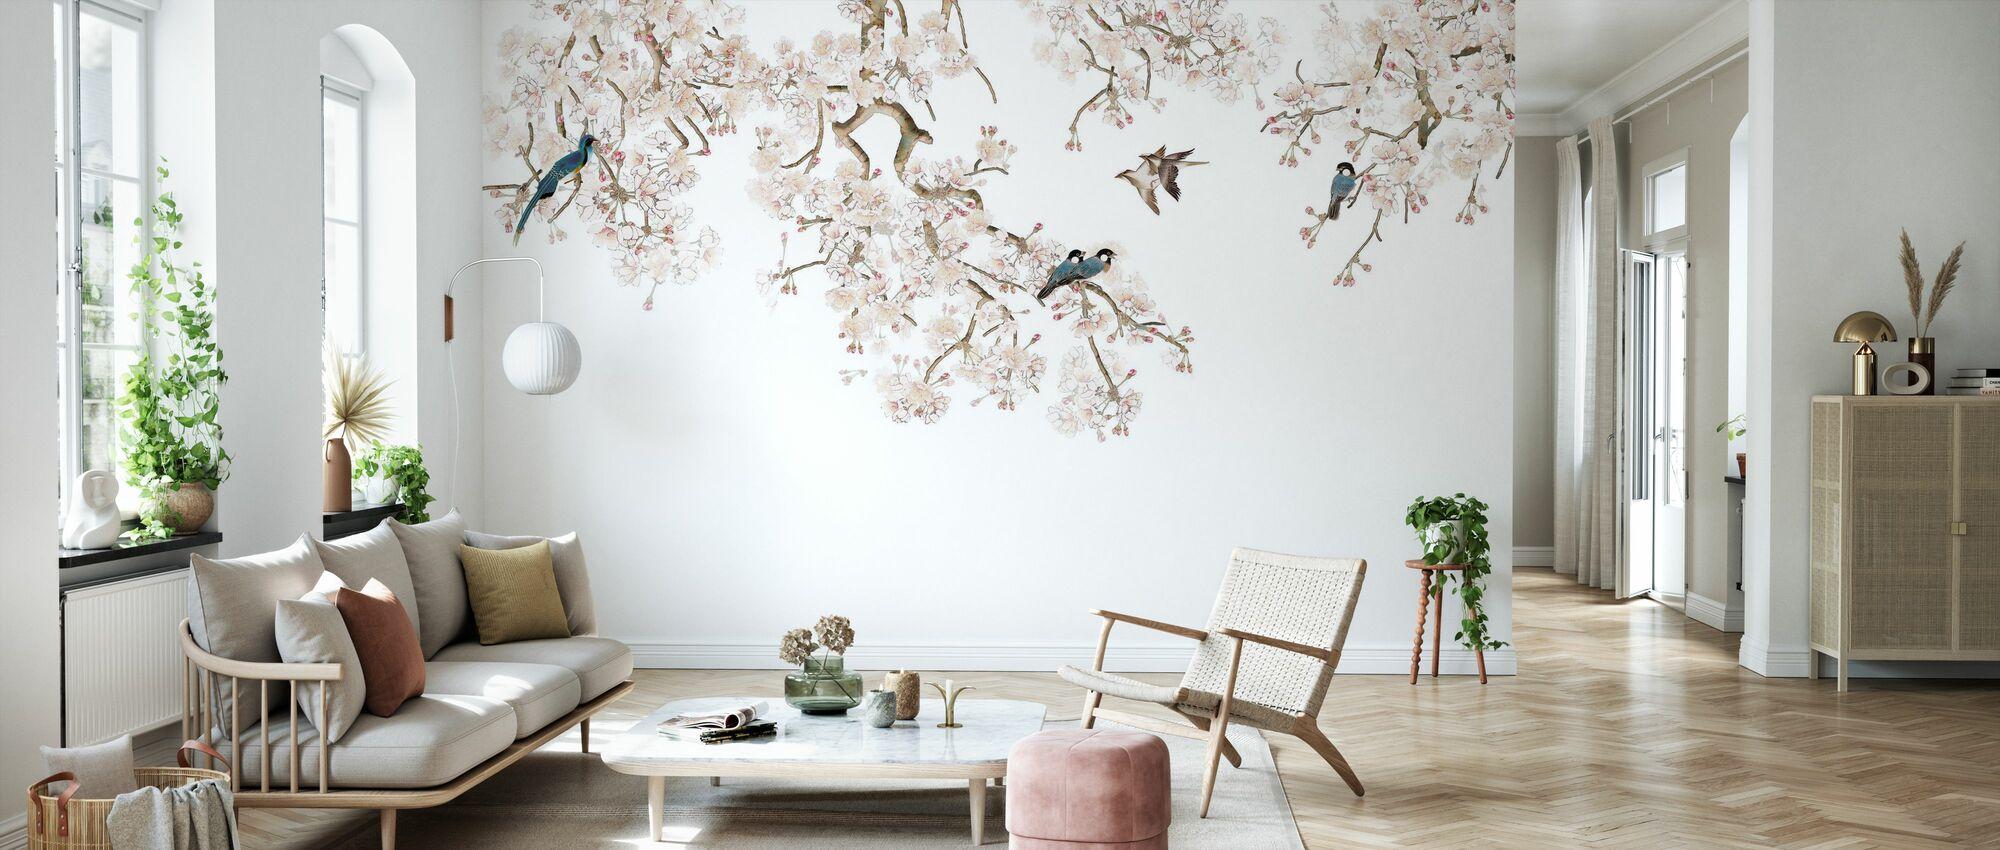 Birds Hangout - Wallpaper - Living Room